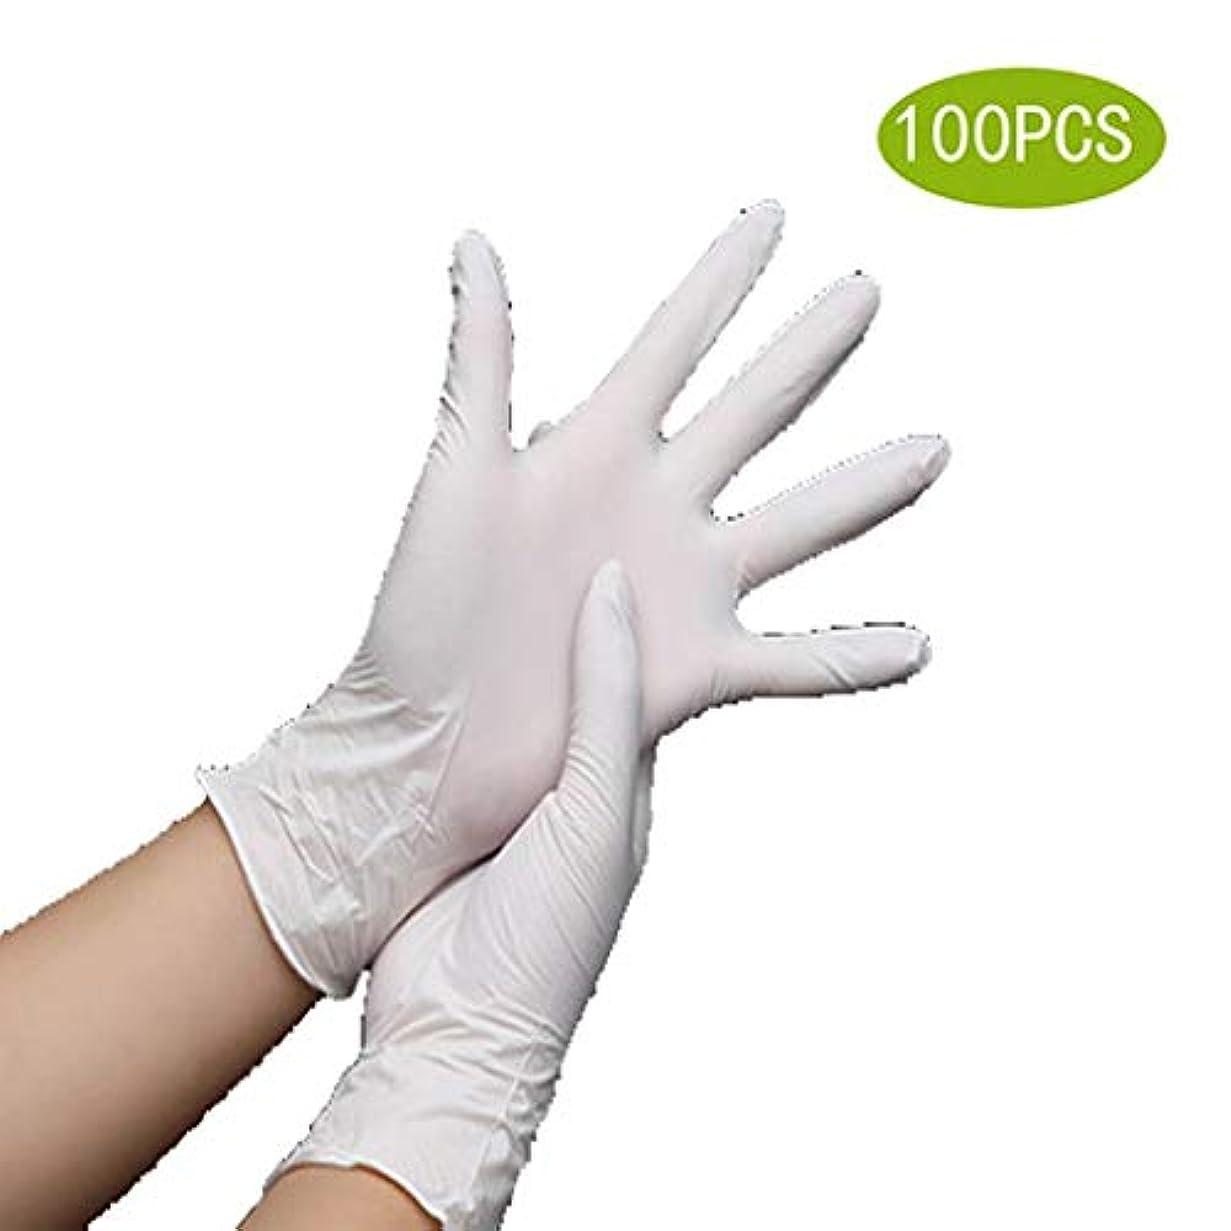 機関車ヶ月目証人ニトリル使い捨て手袋、3ミルの厚さ、質感の指先(100箱) (Color : White, Size : S)